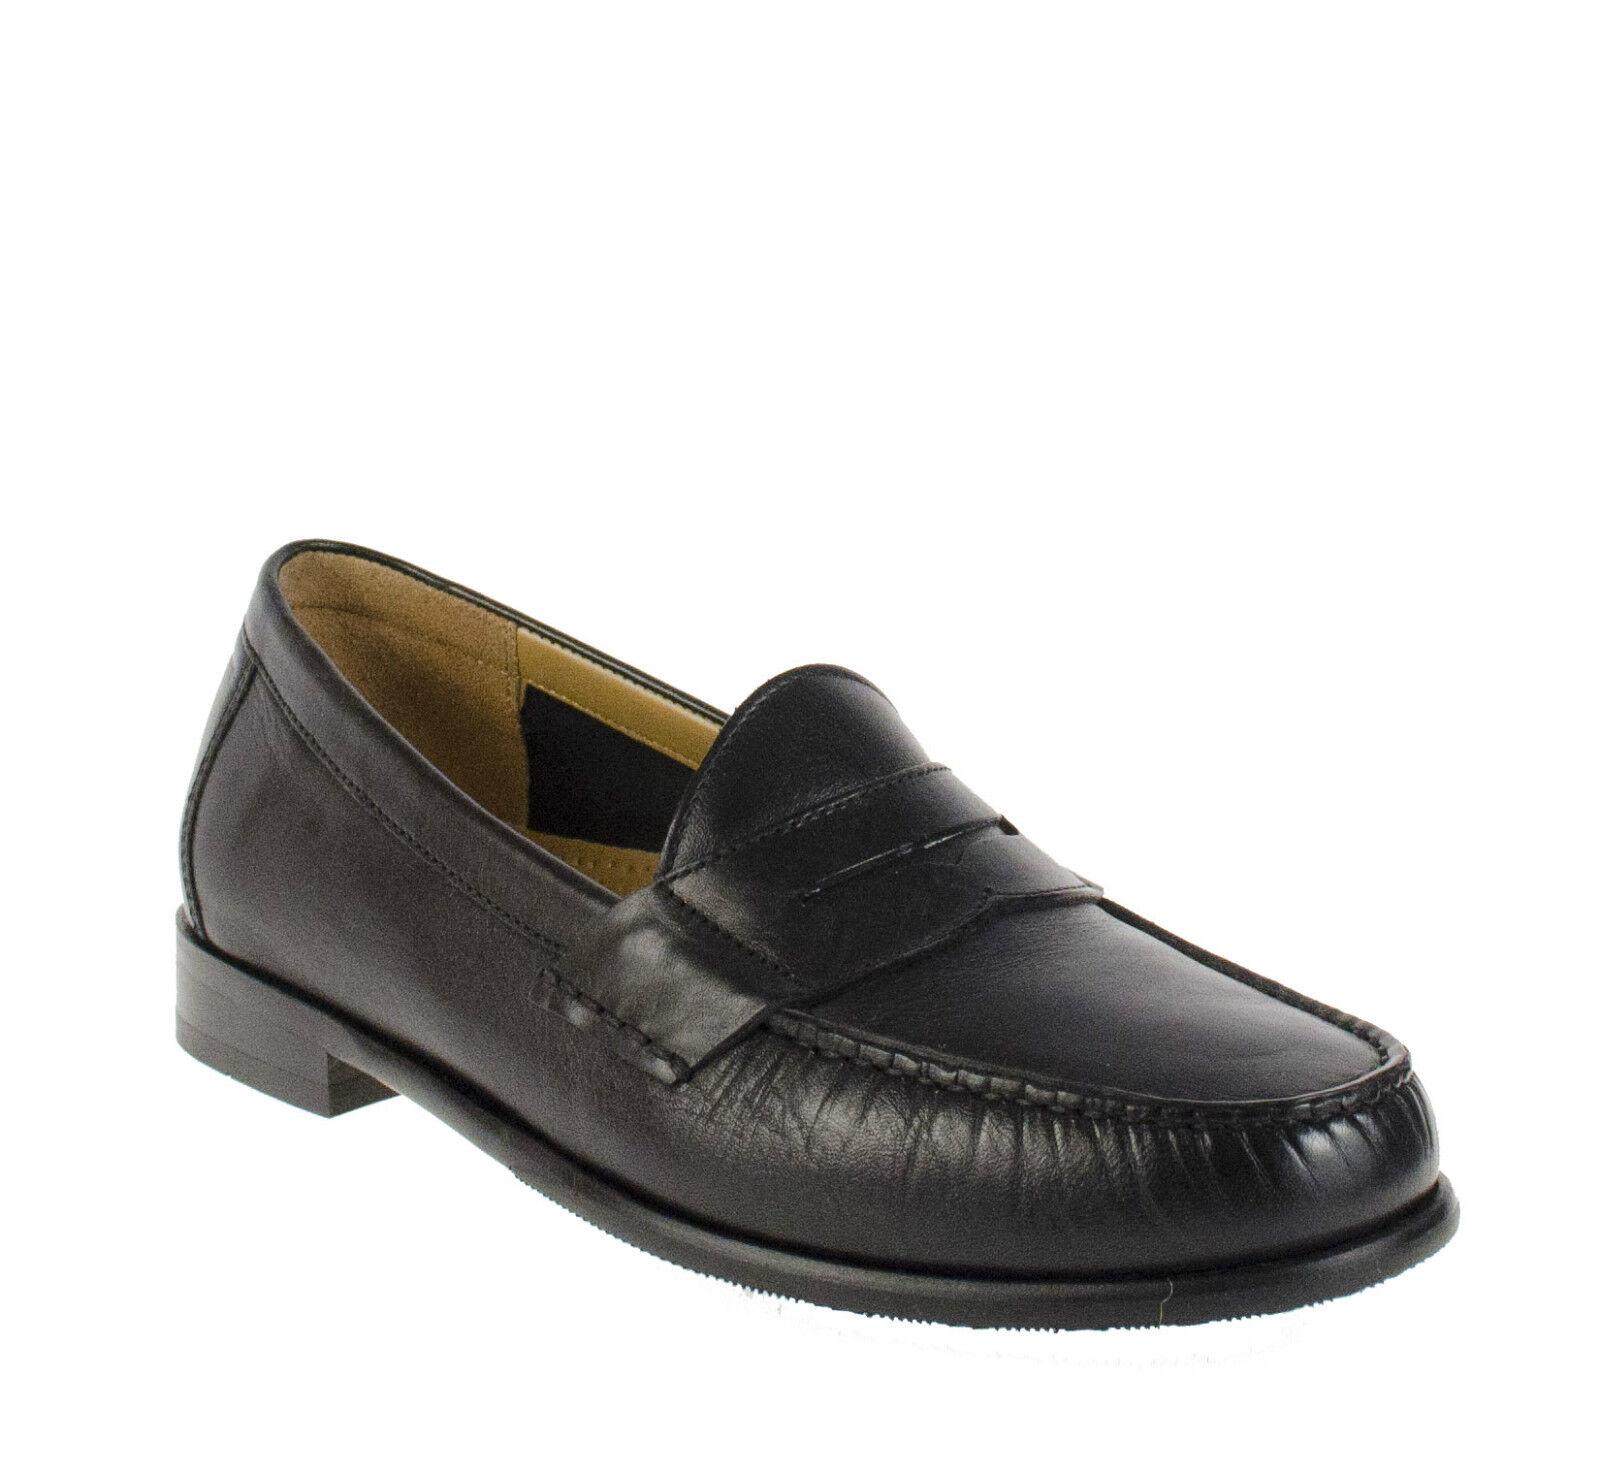 Cole Haan Ascot Penny Ii Negro Para Hombre mocasín Slip On Zapatos Varios Tamaños